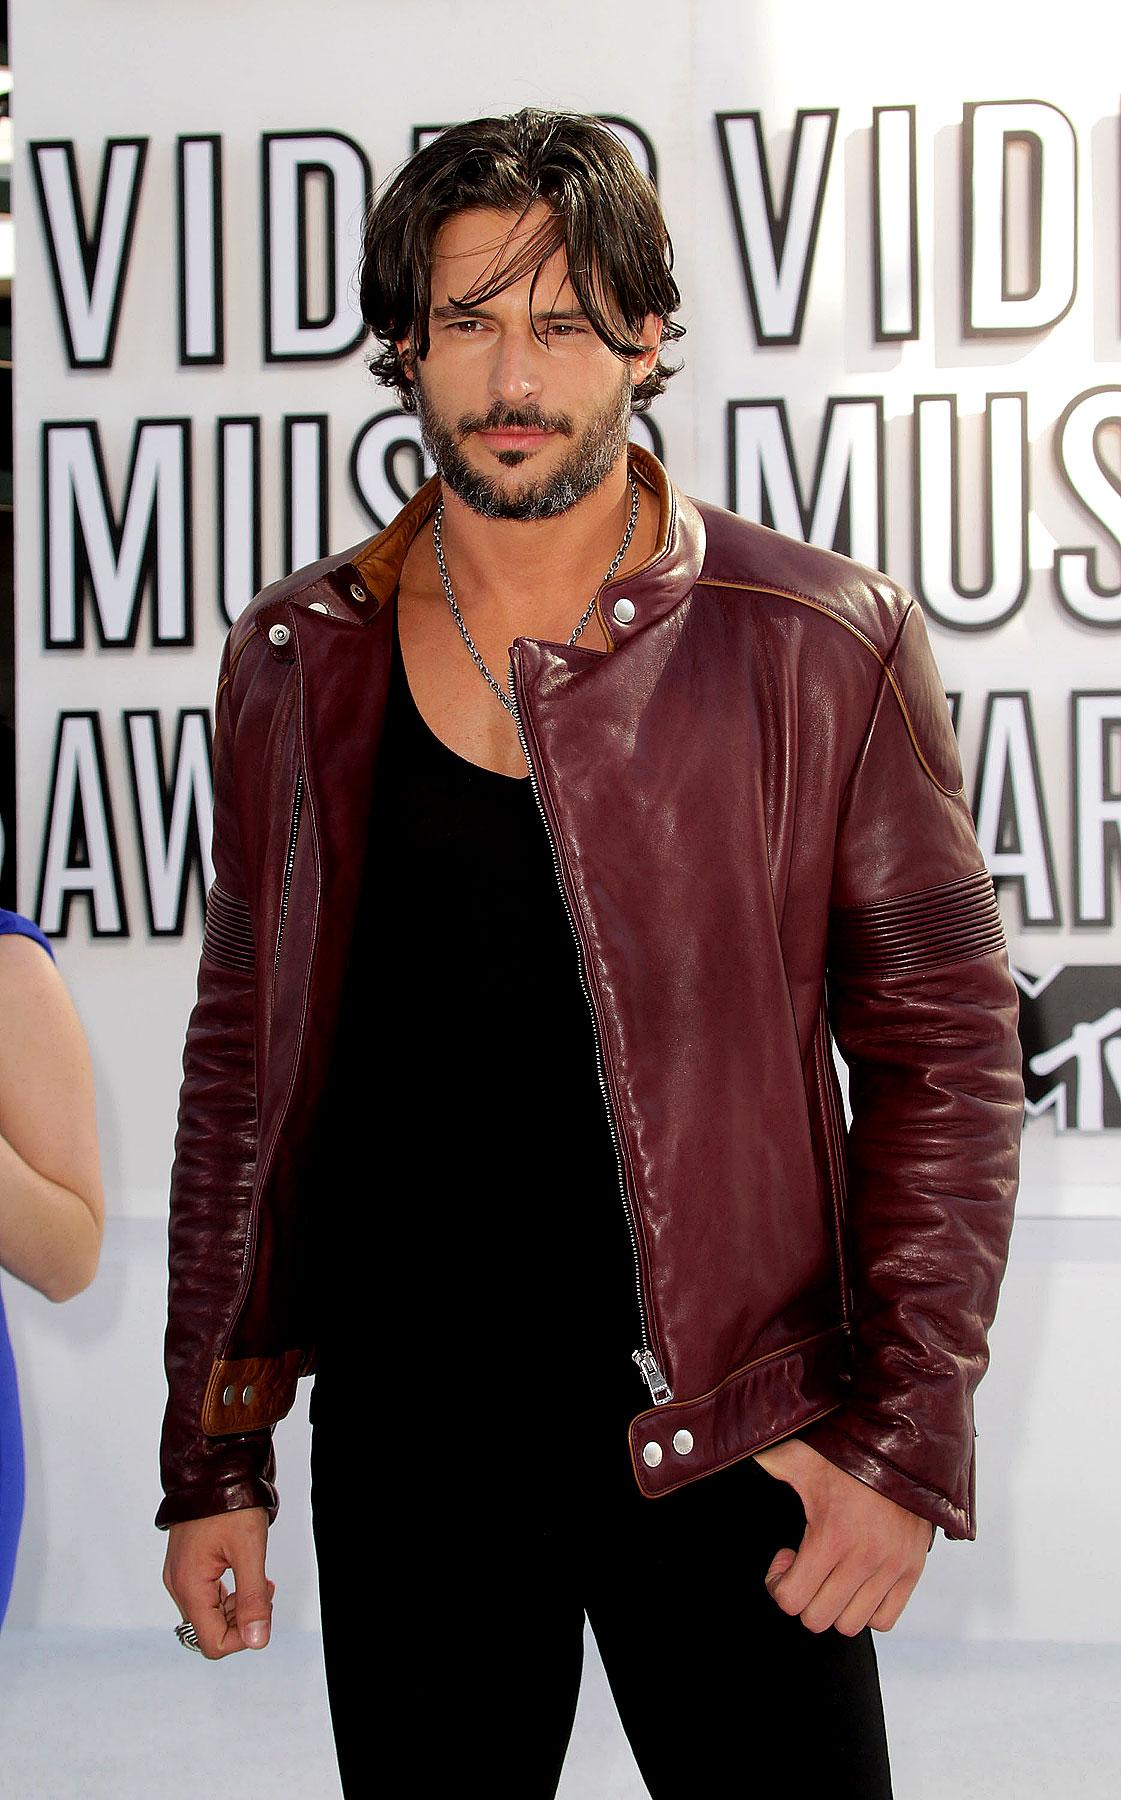 Joe Manganiello at the 2010 MTV Video Music Awards (PHOTOS)